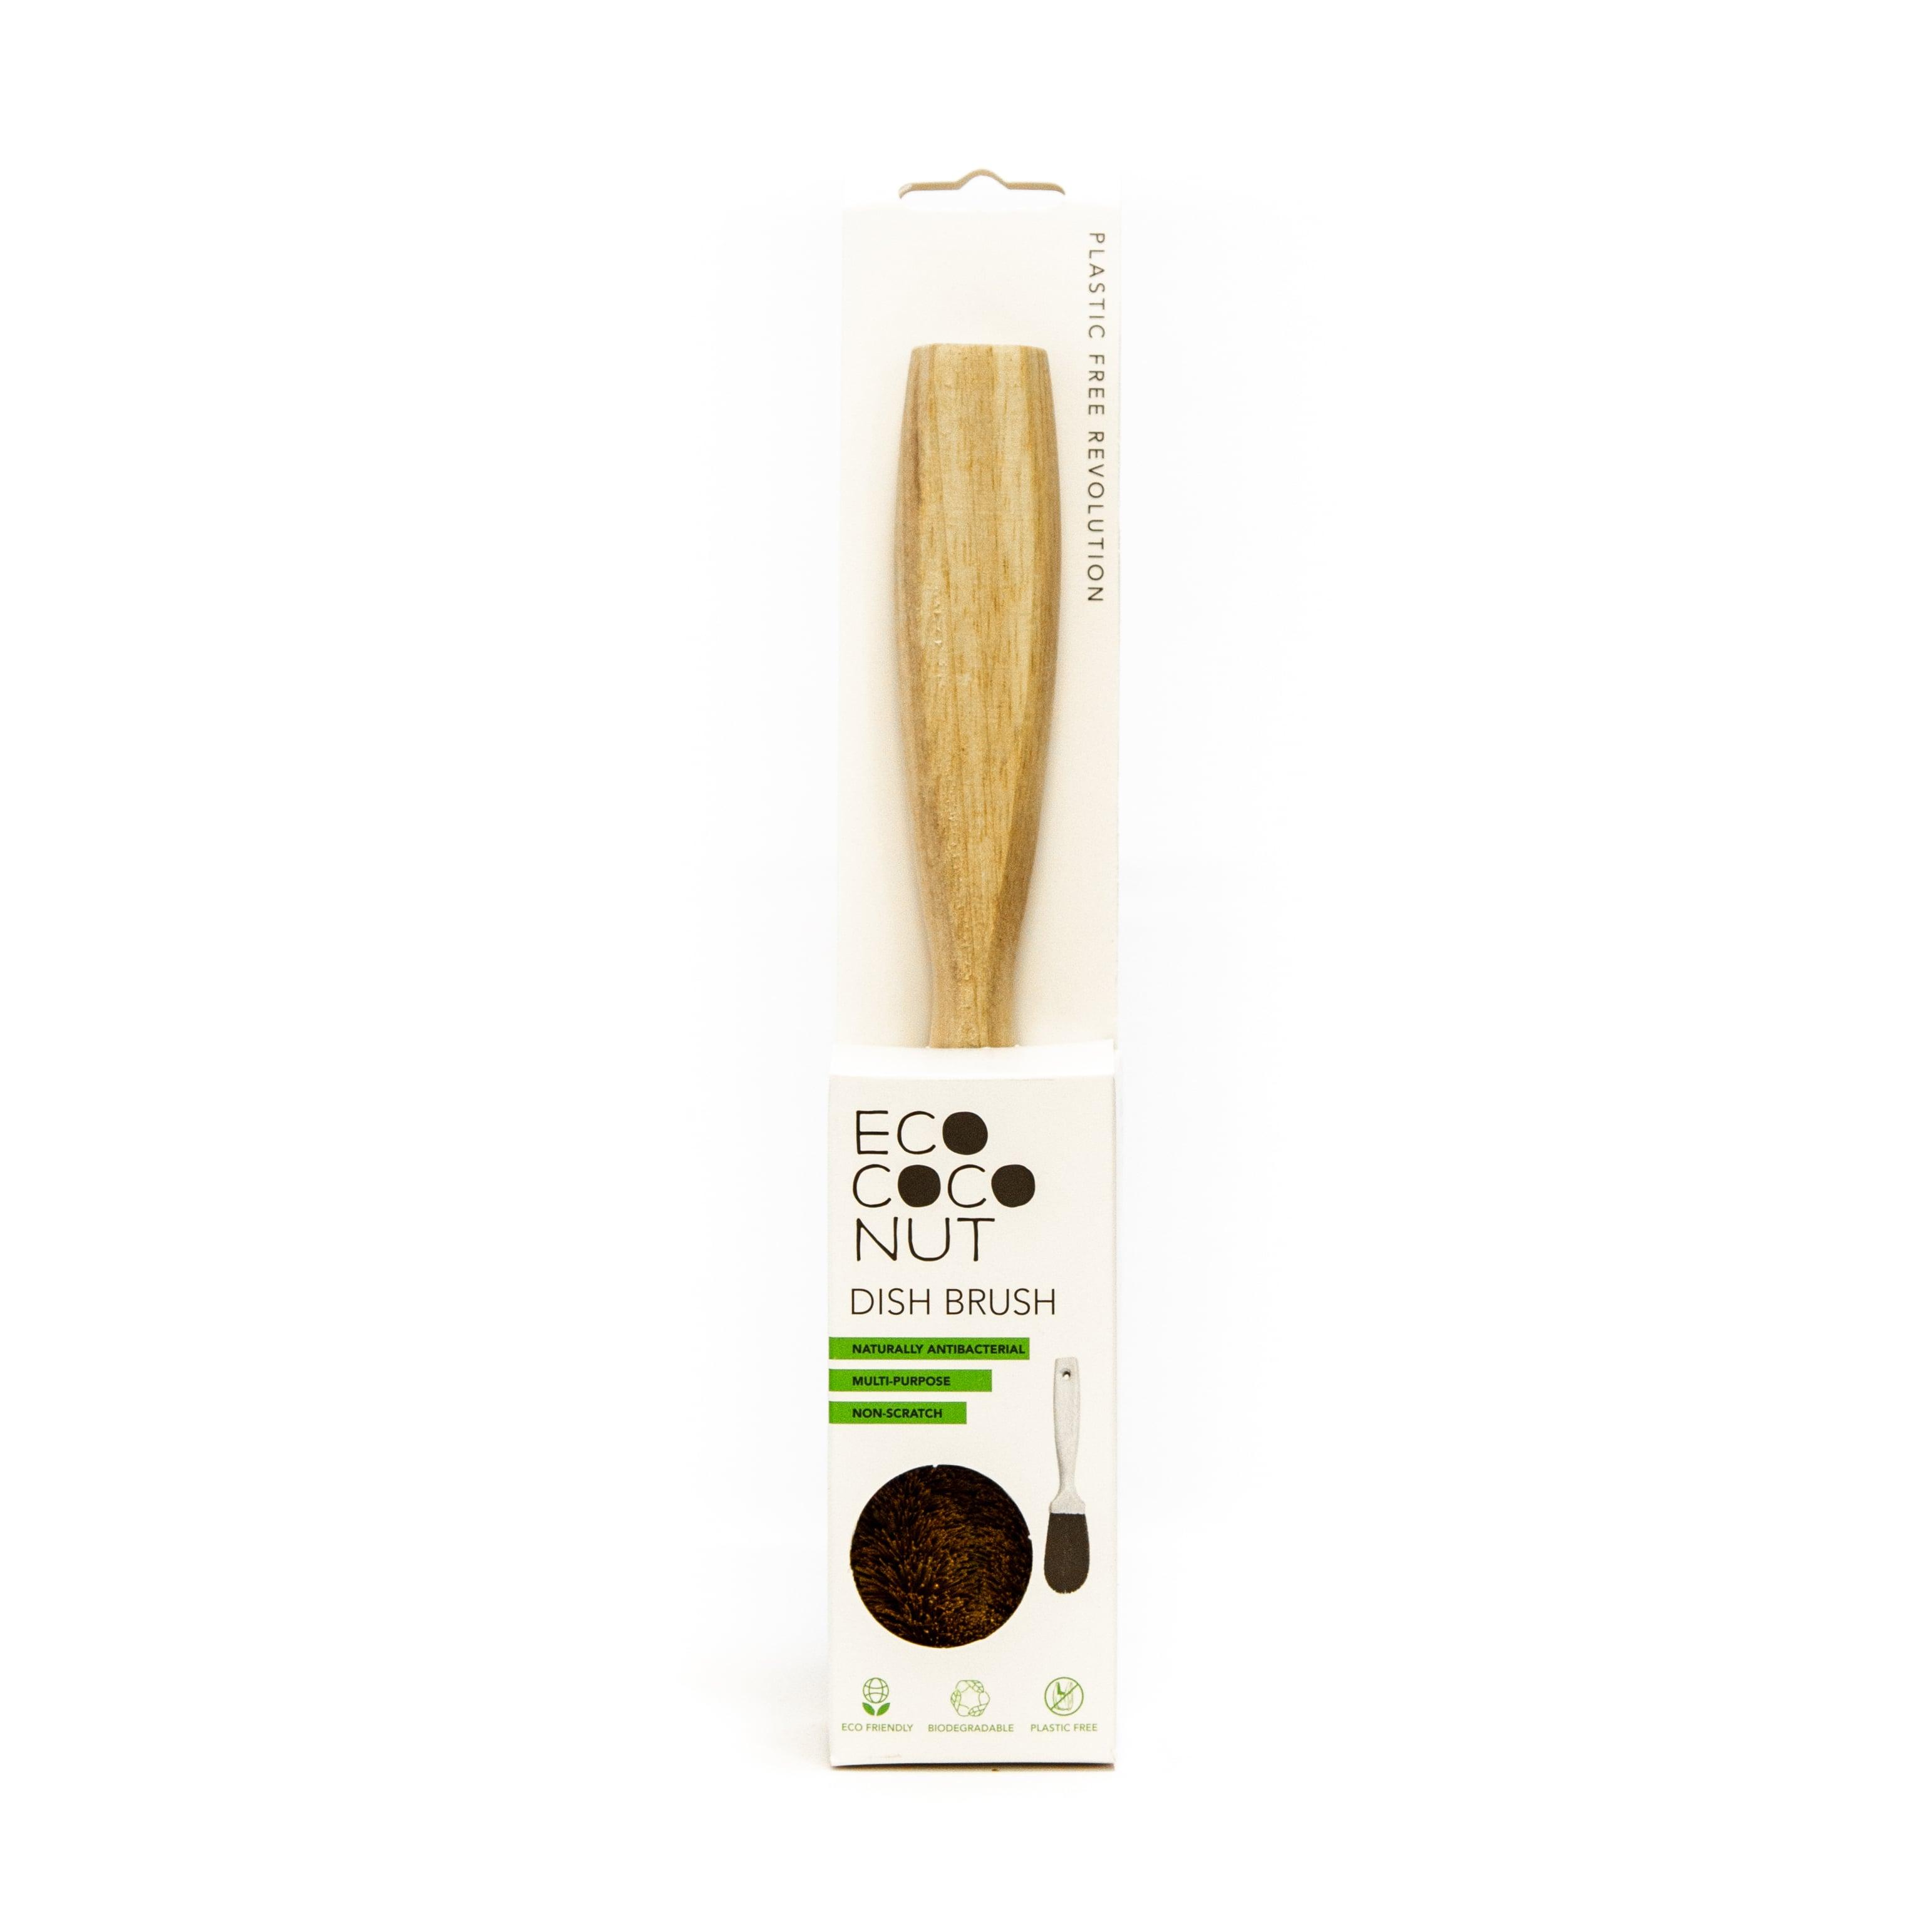 Dish Brush | Ecoconut